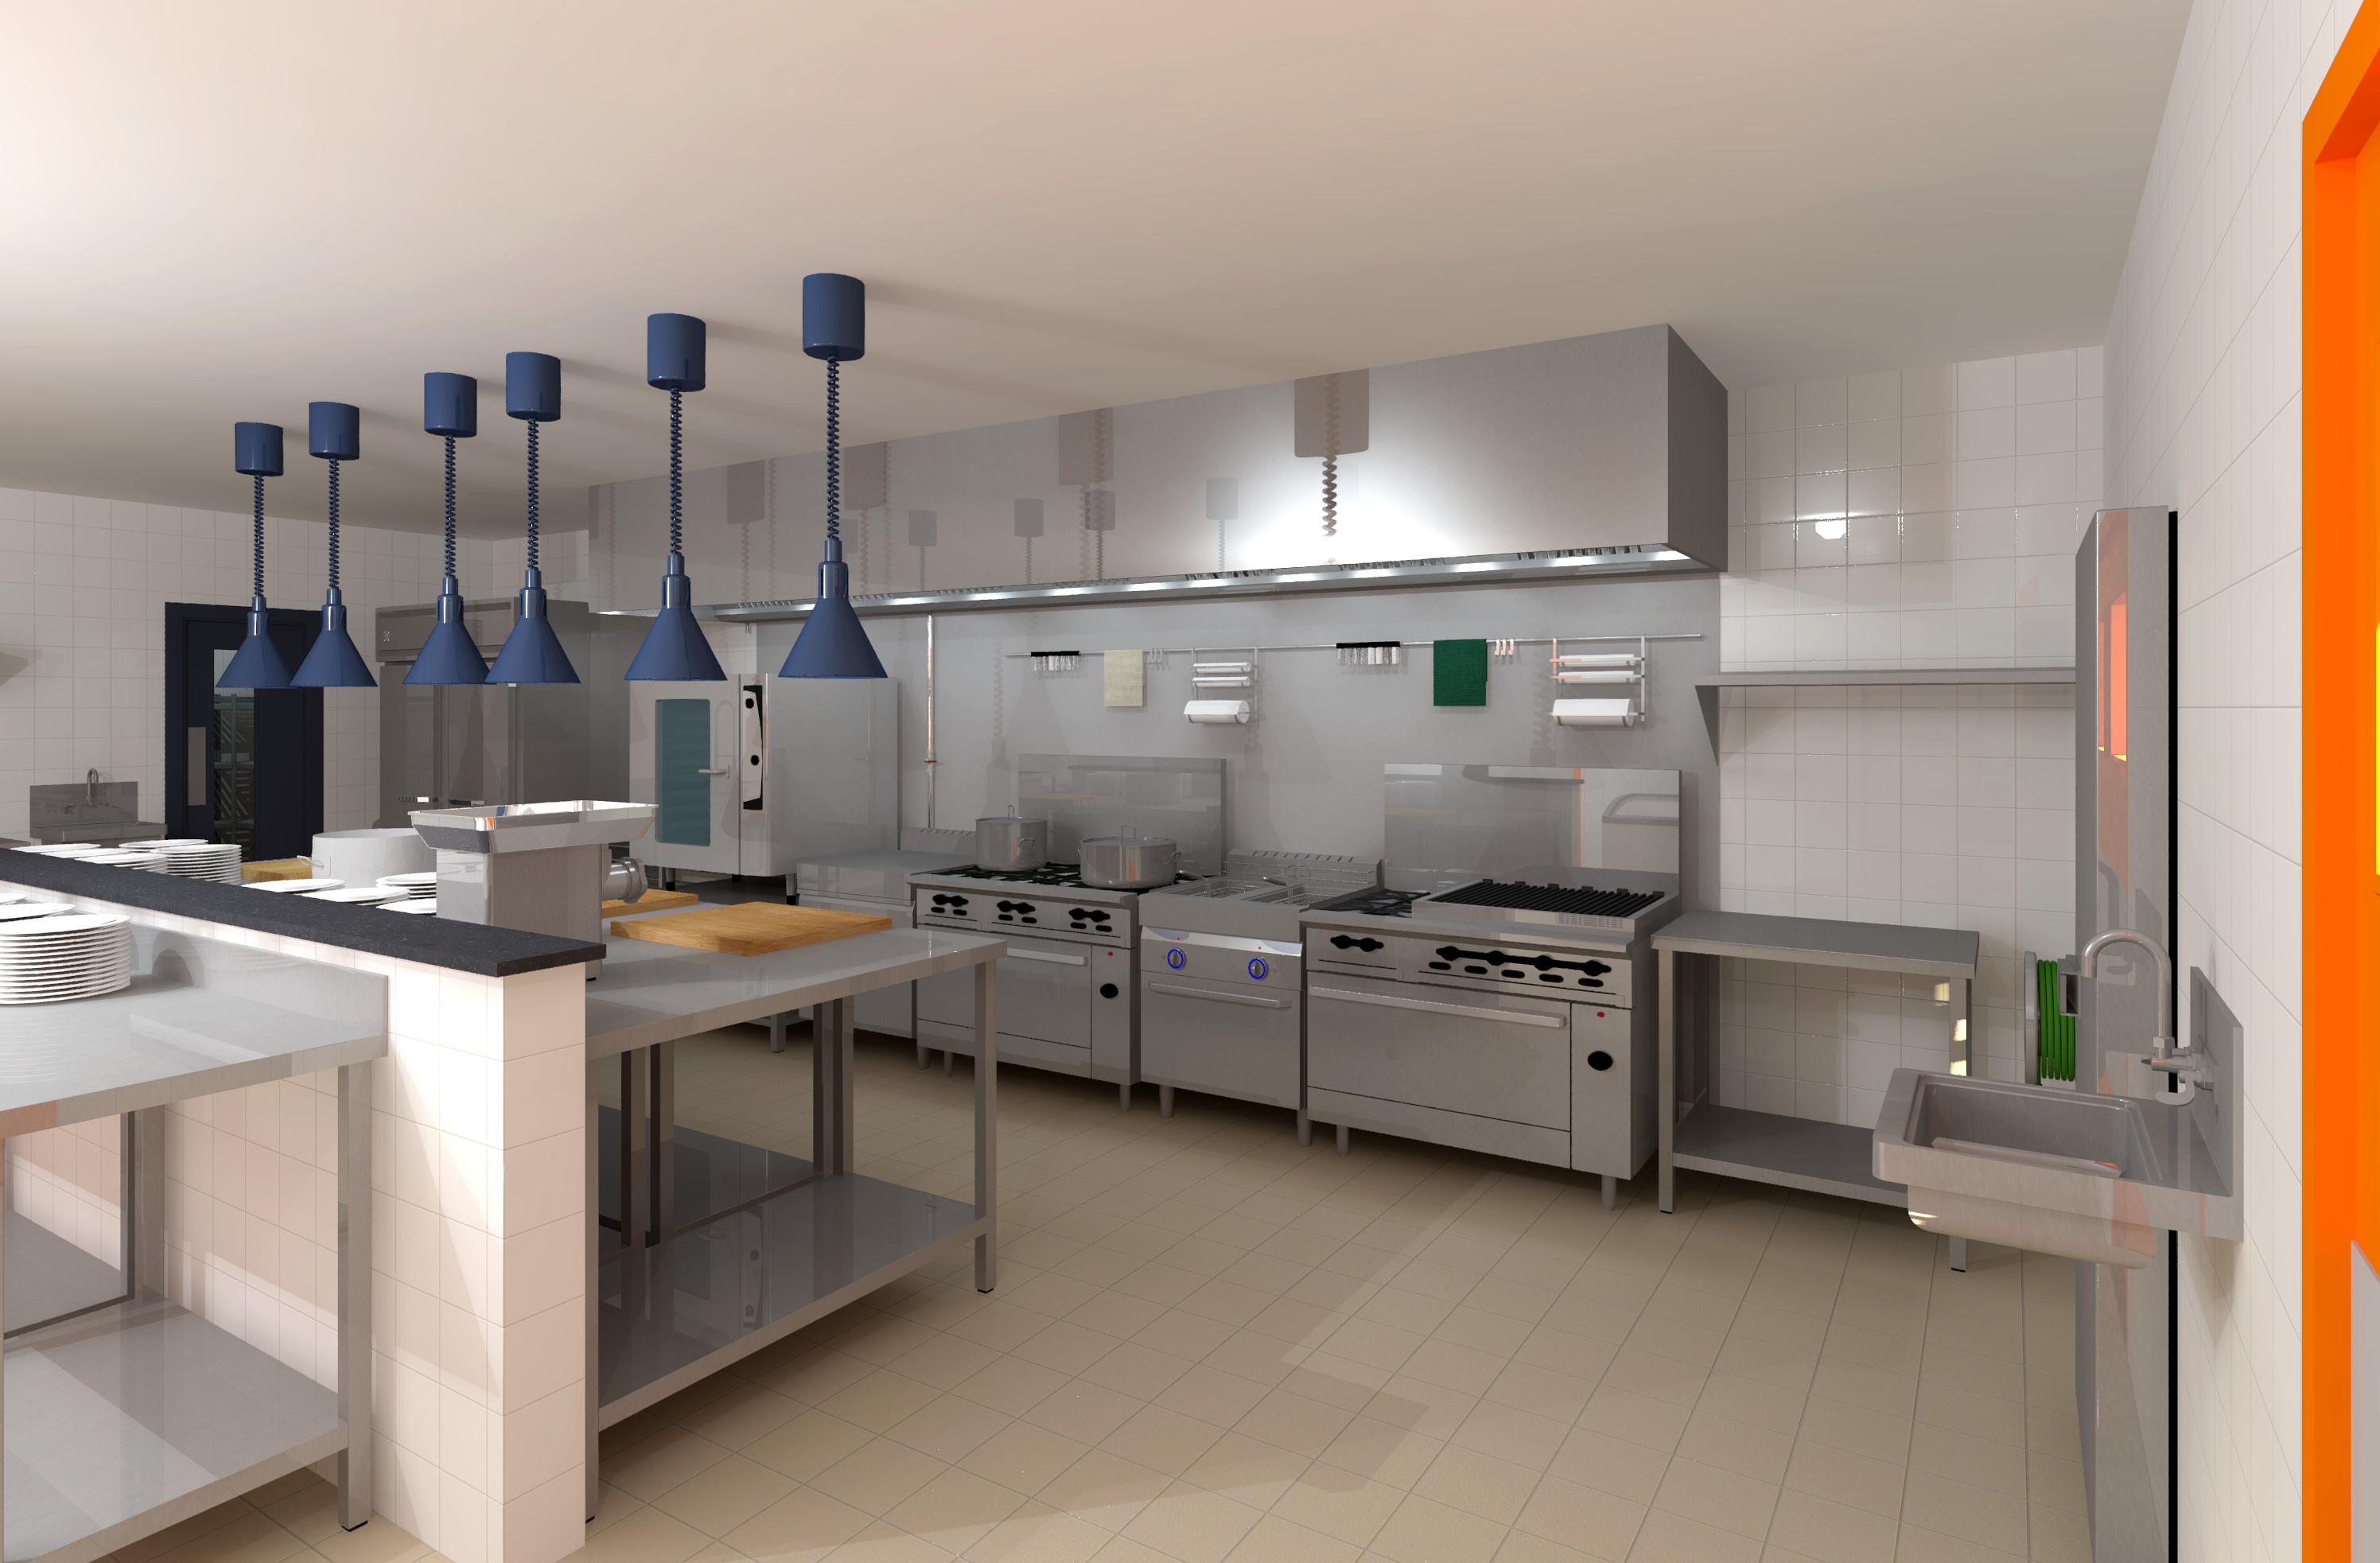 Autodecco galer a de fotos y videos de autodecco for Cocinas industriales siglo